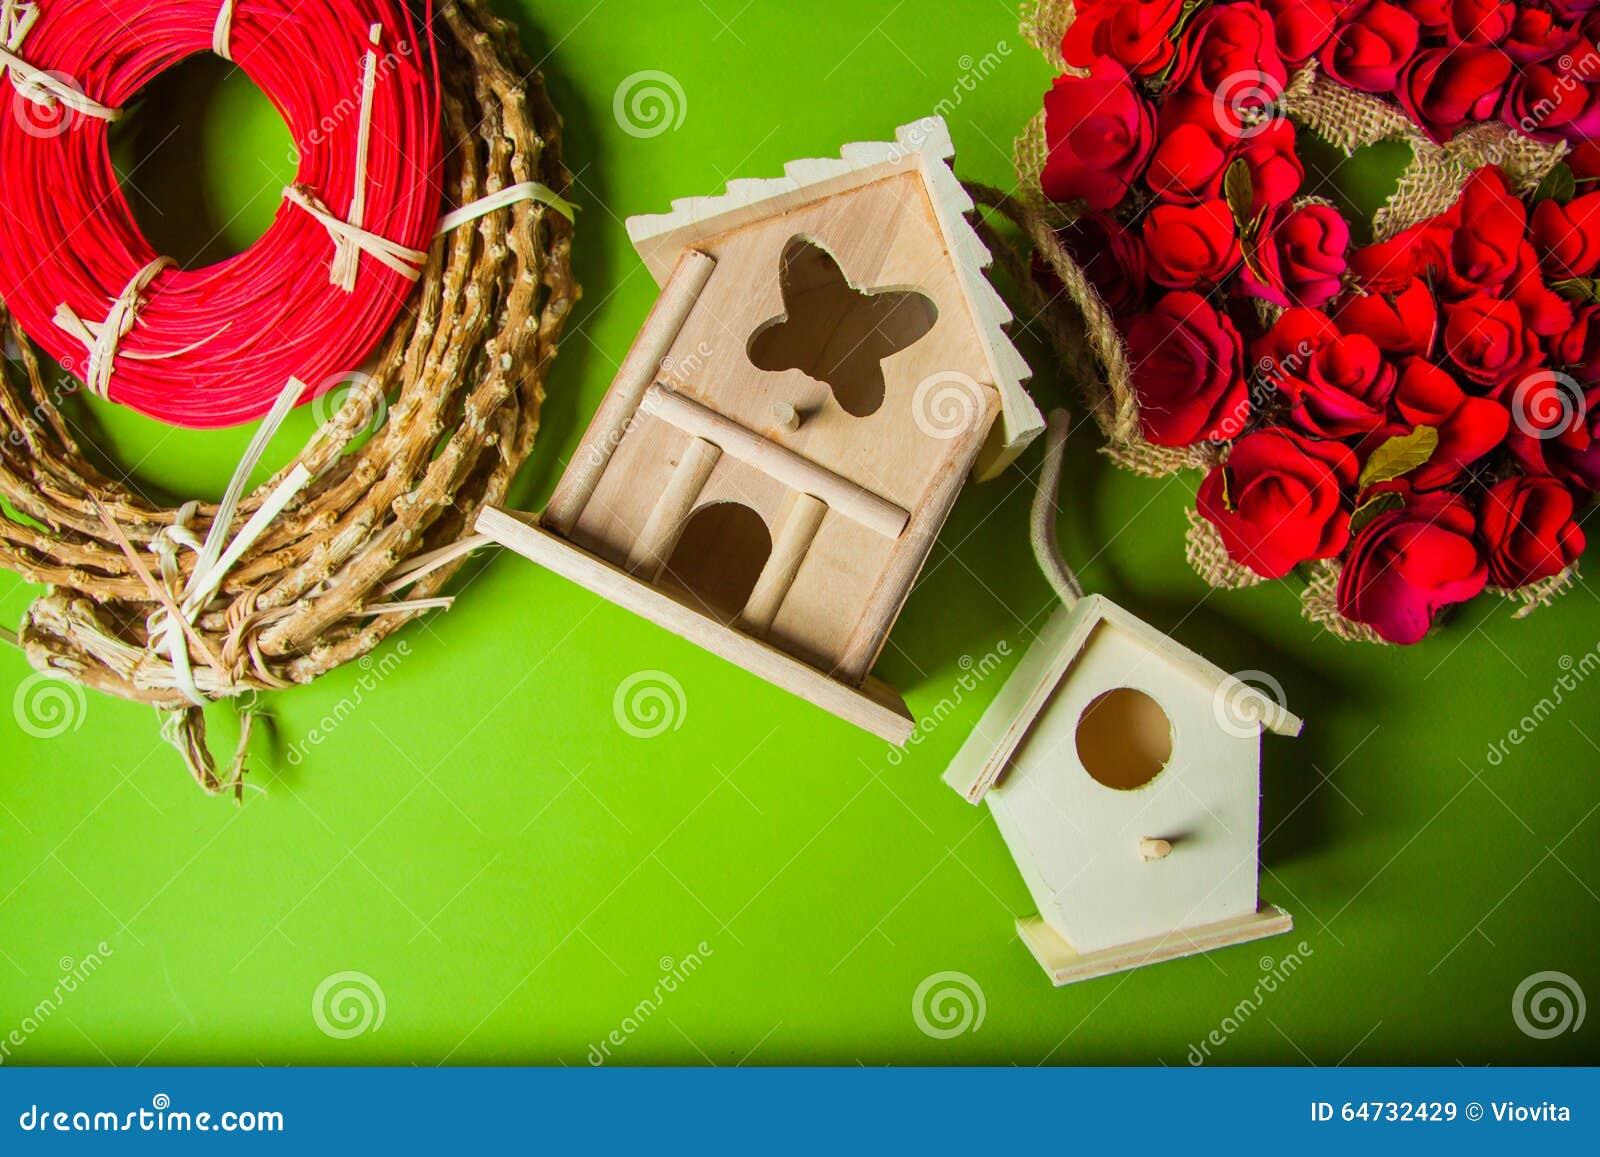 Decorazioni con i nidi per deporre le uova e le corone